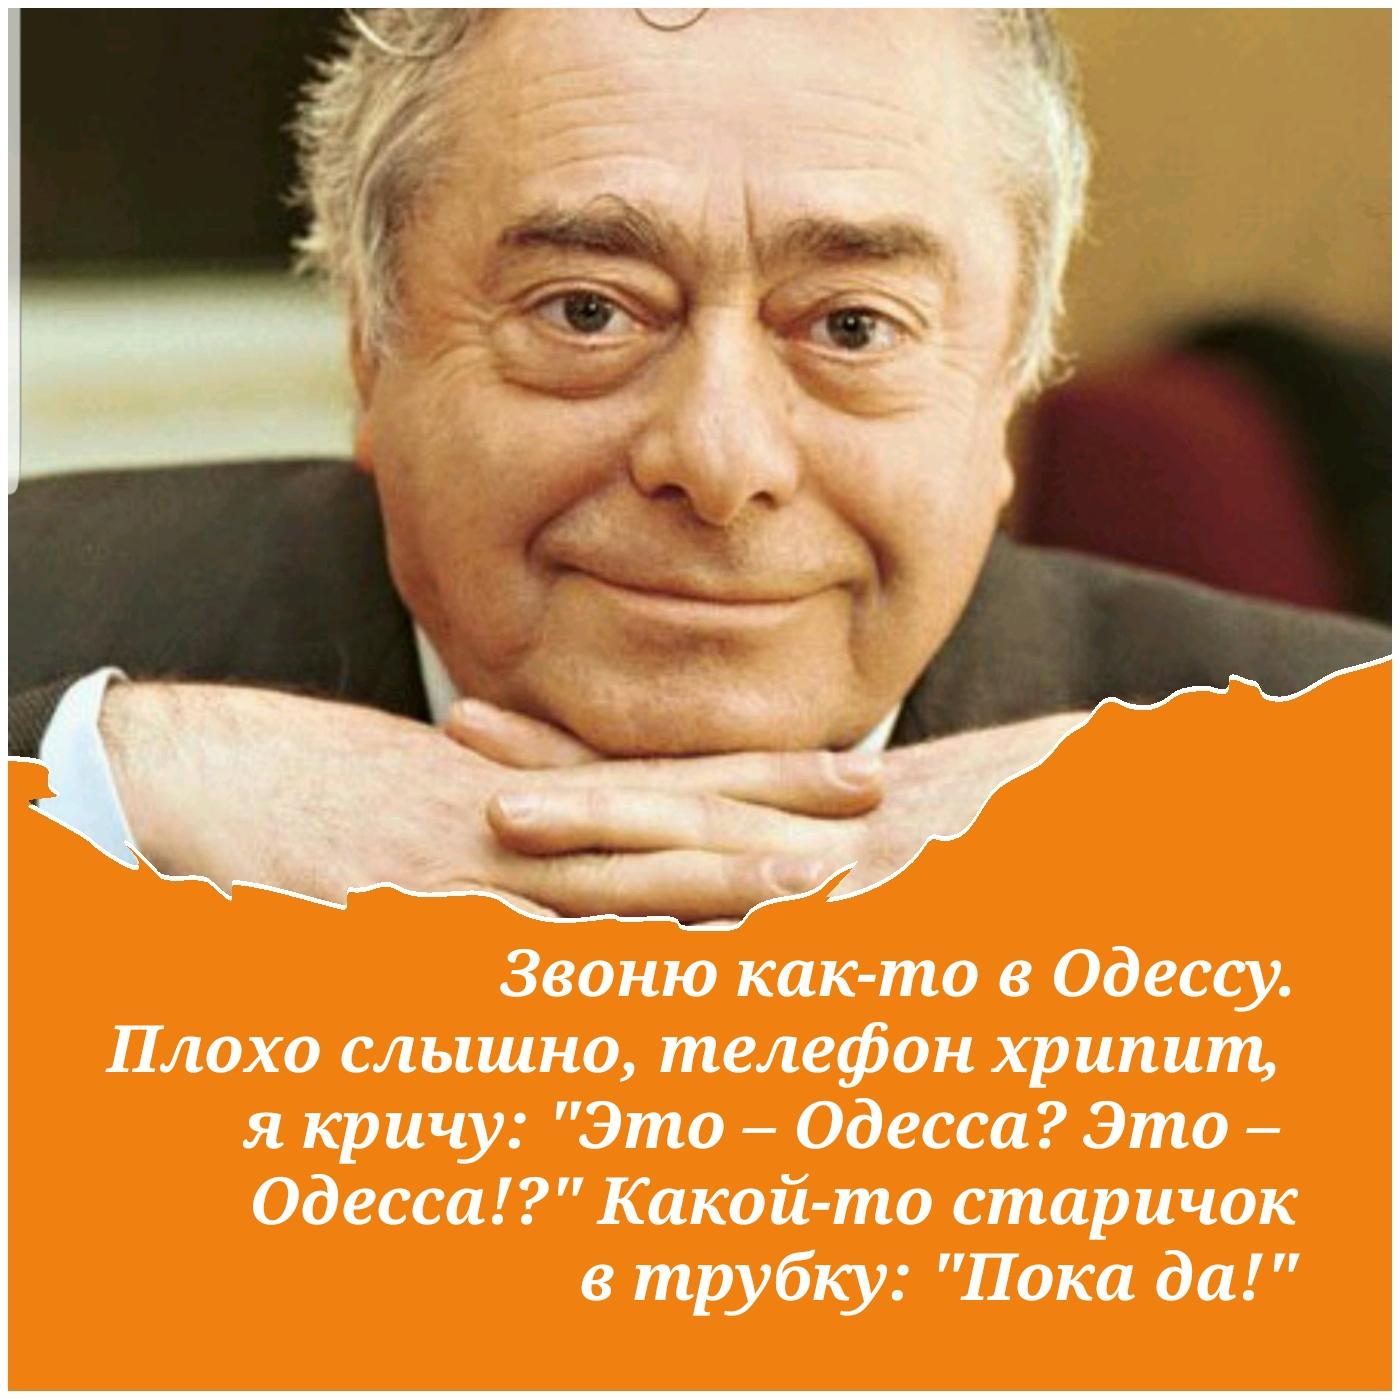 Еврейский юмор. Одесский анекдот. Звоню как-то в Одессу...